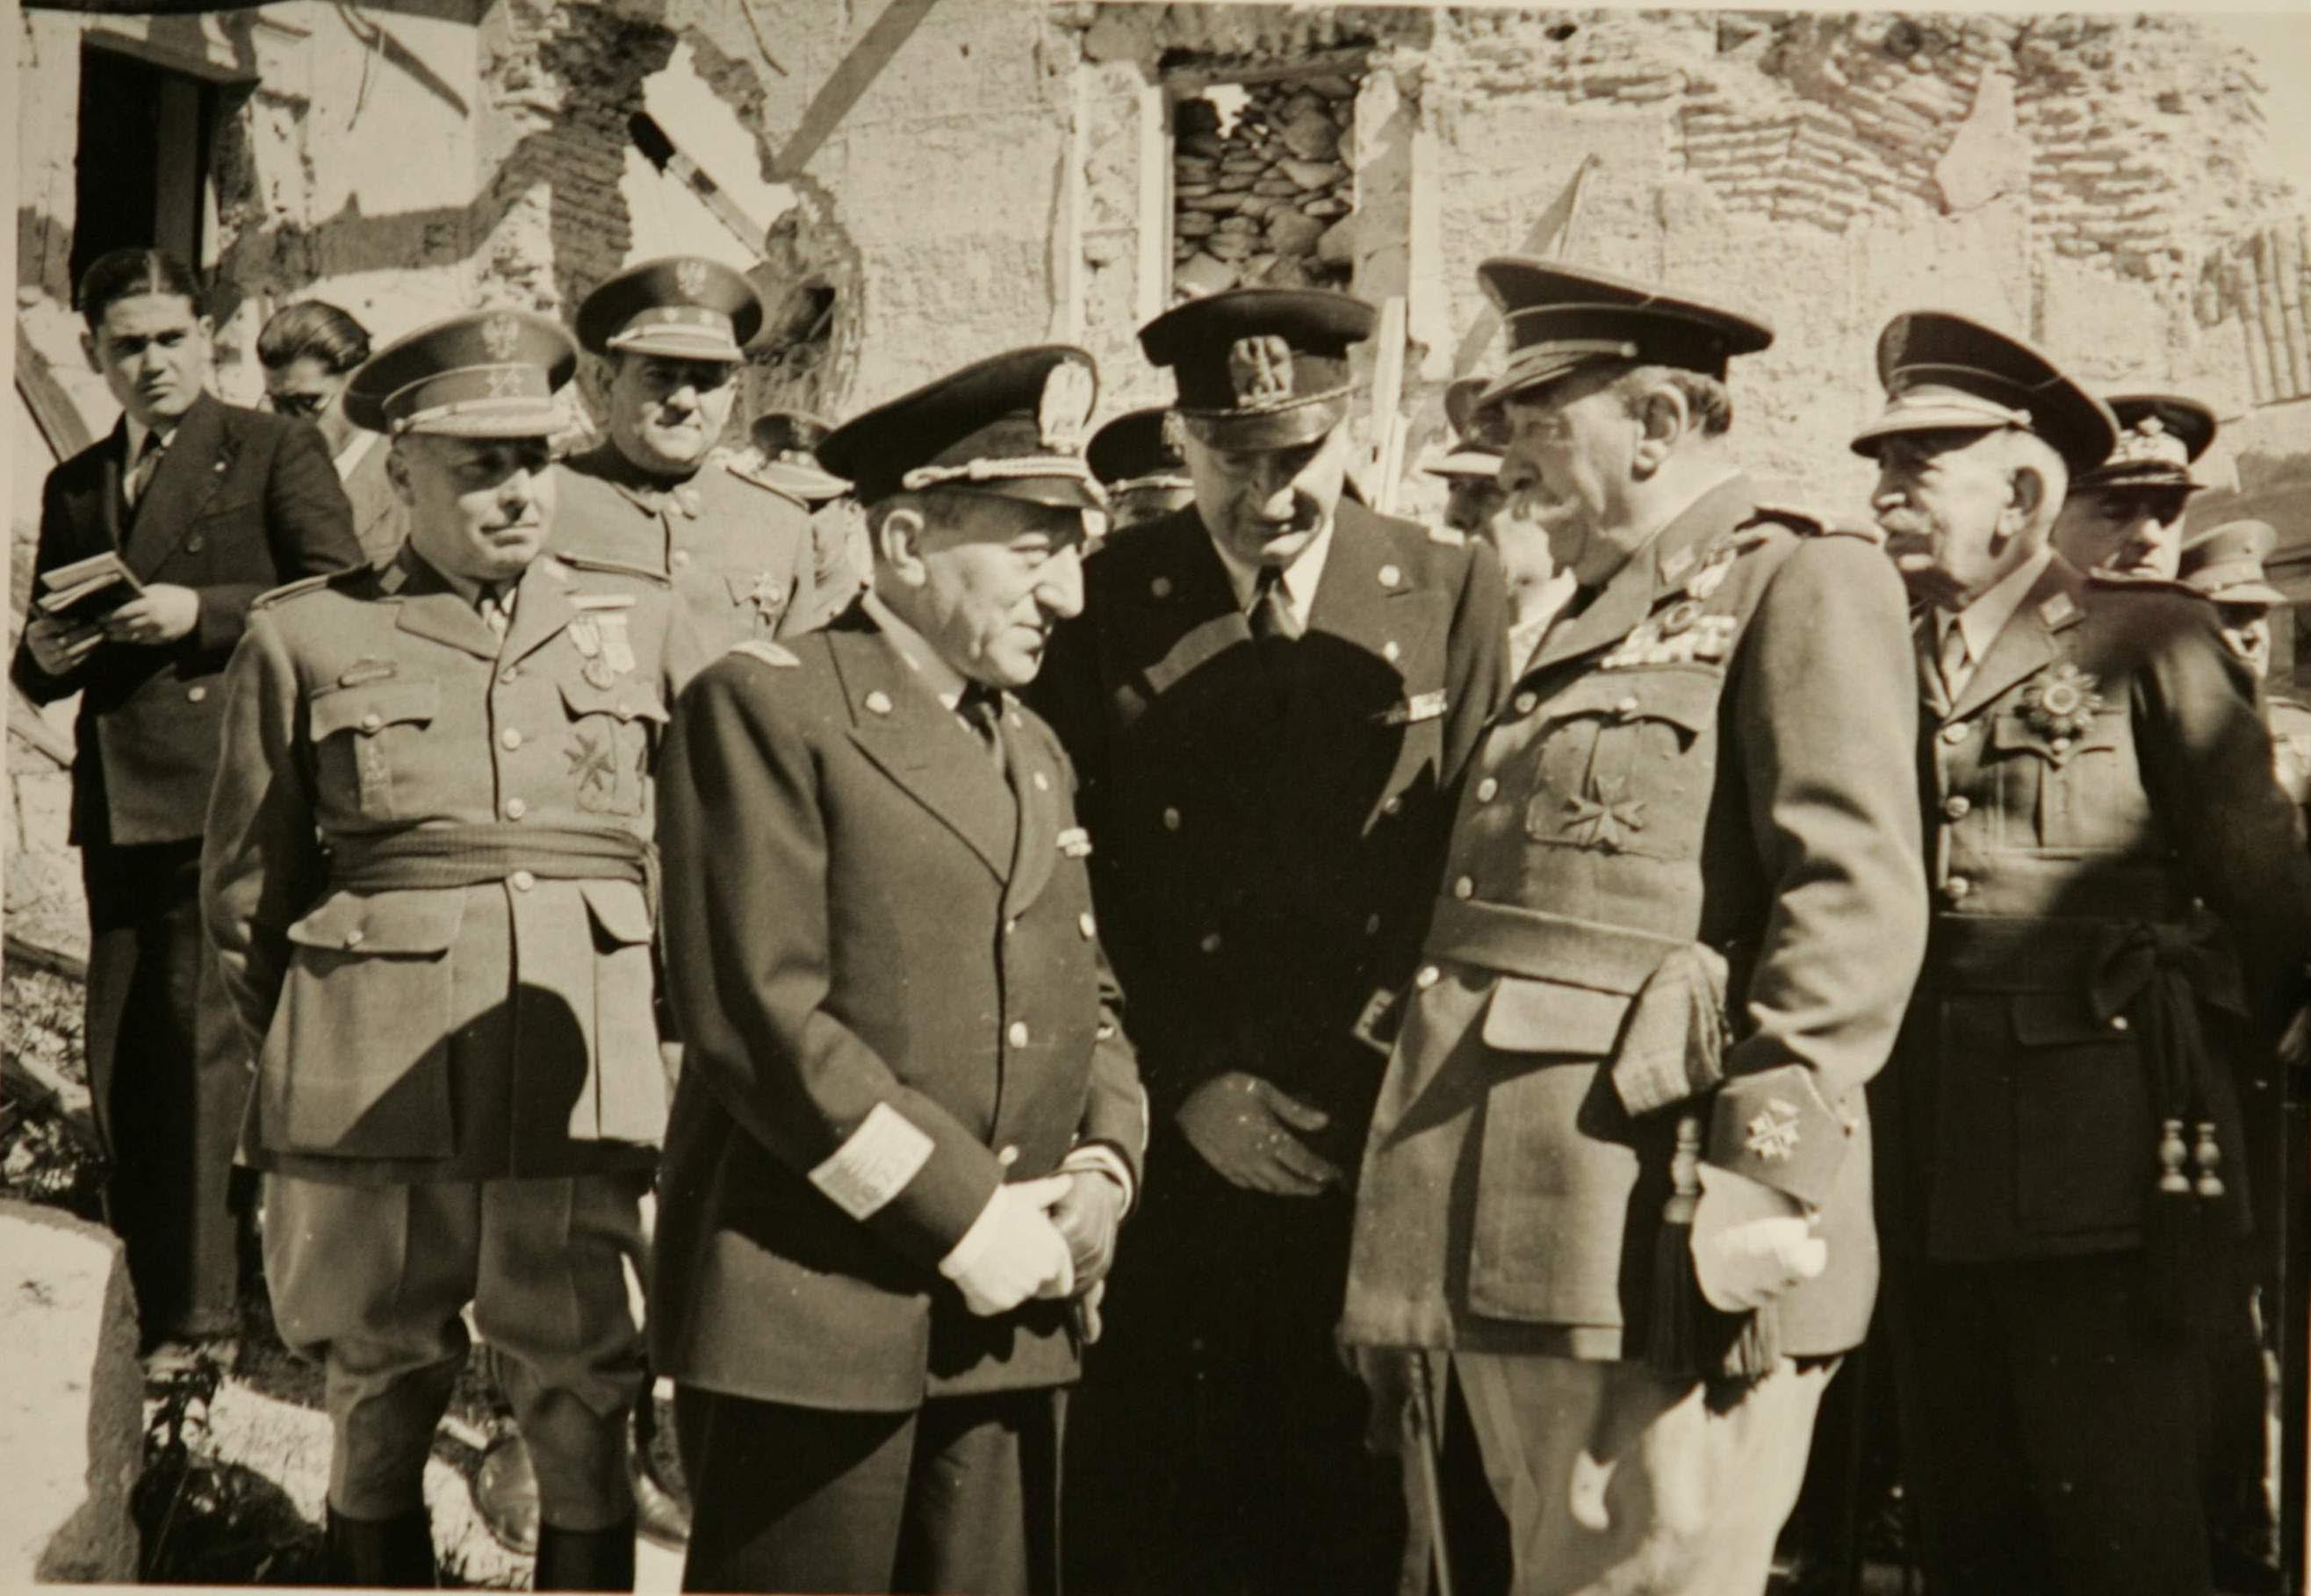 Luis Moreno Nieto (a la izquerda) como periodista junto a militares franquistas. Colección Luis Alba